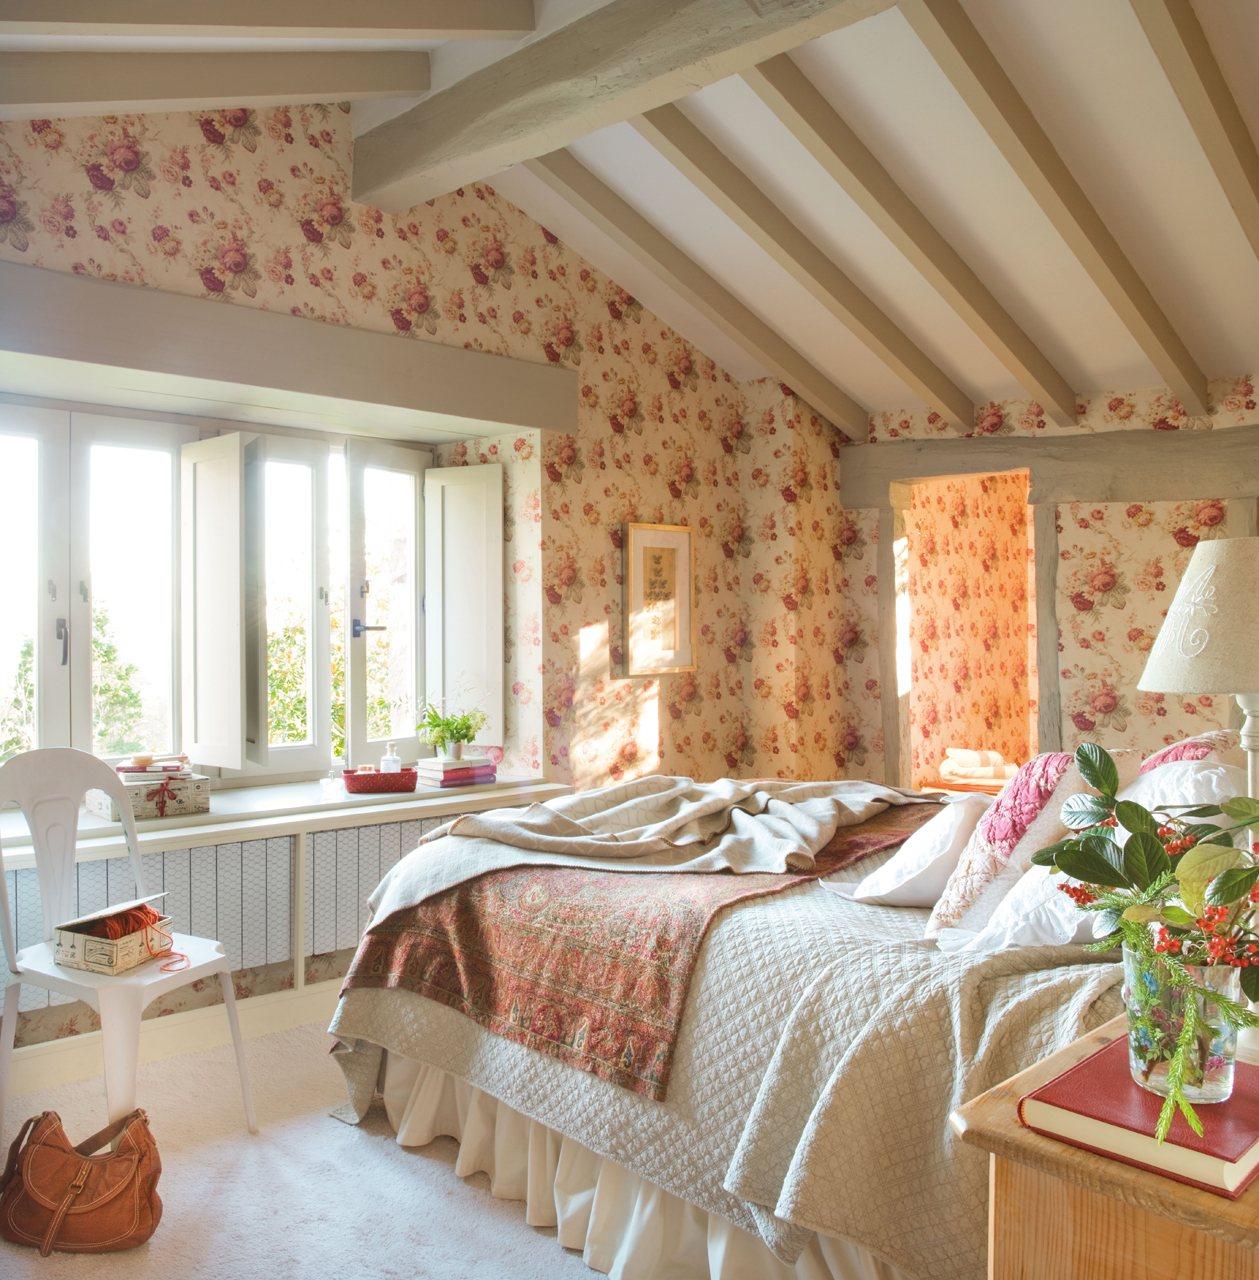 Vicky 39 s home una casa de cuento one story house - Papel pintado rustico ...